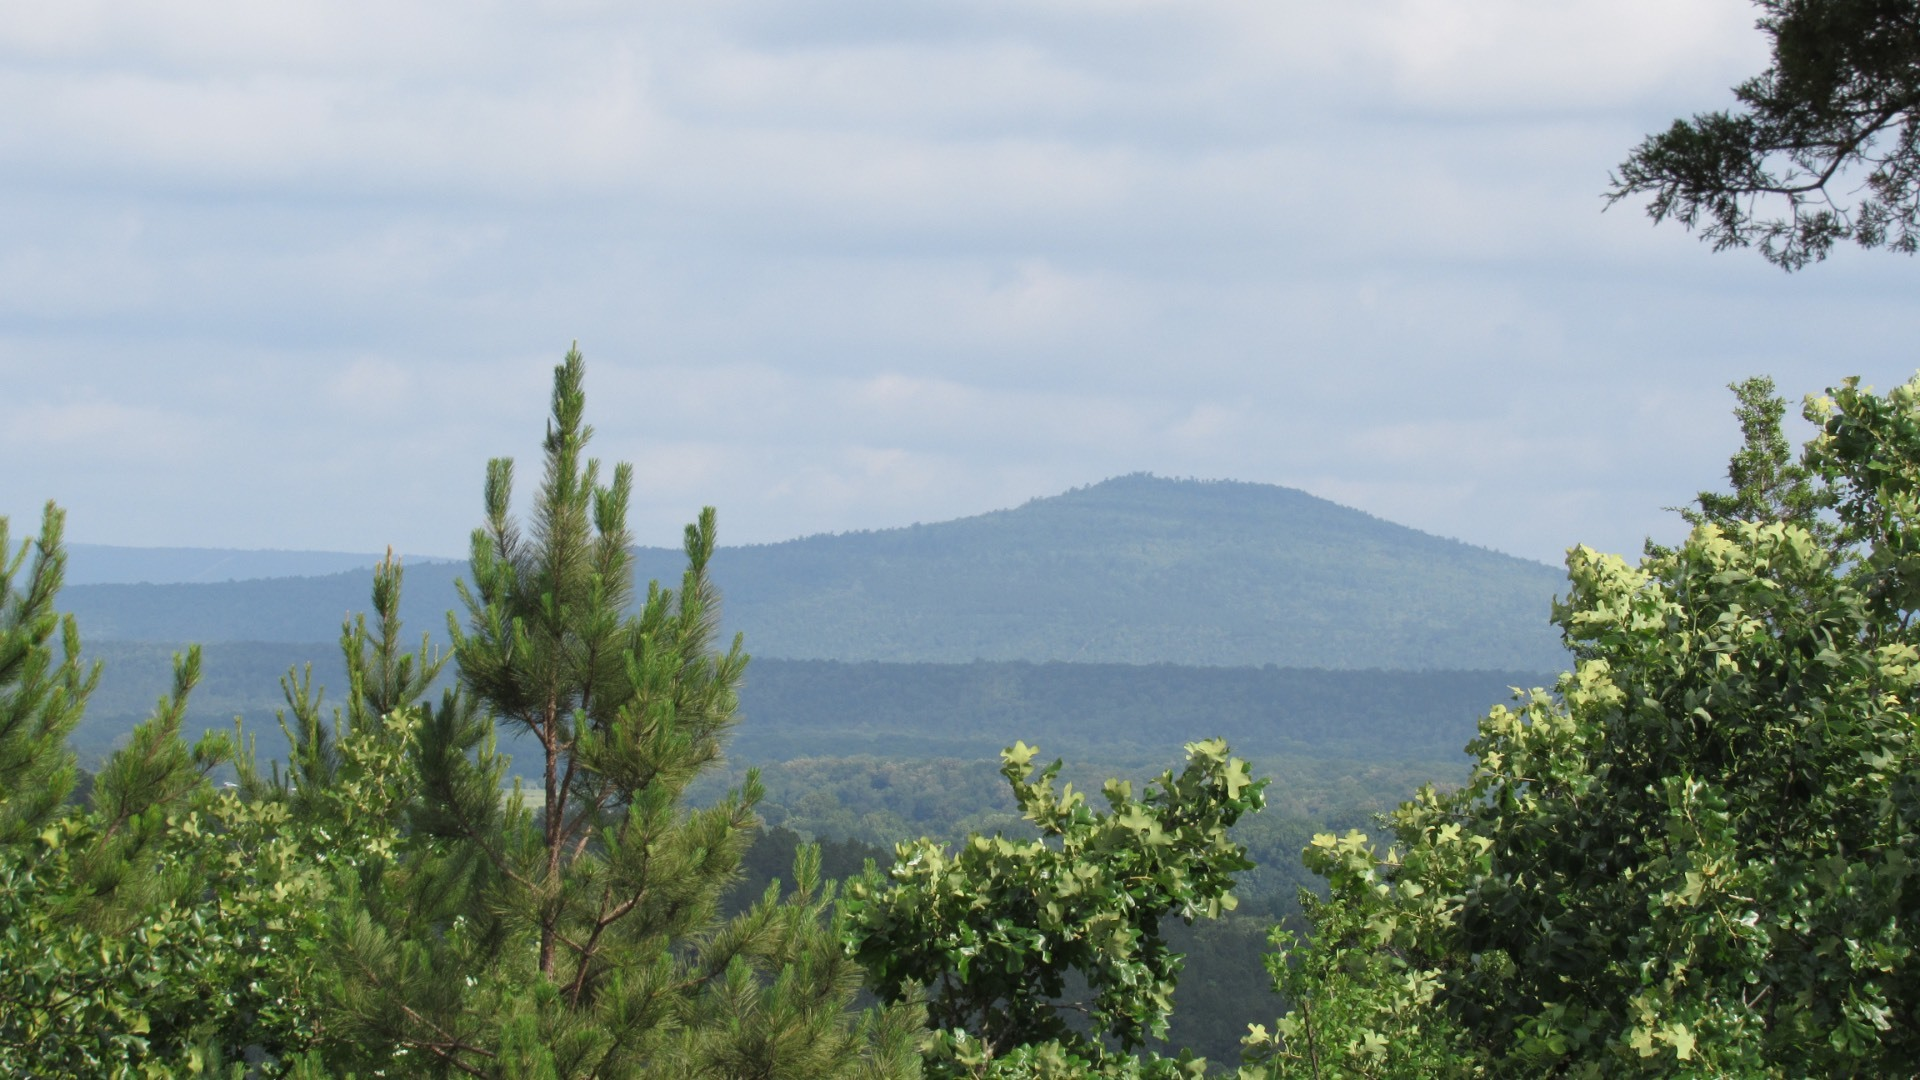 Mountain View  | Panoramic Mountain Views Le Flore, OK  15